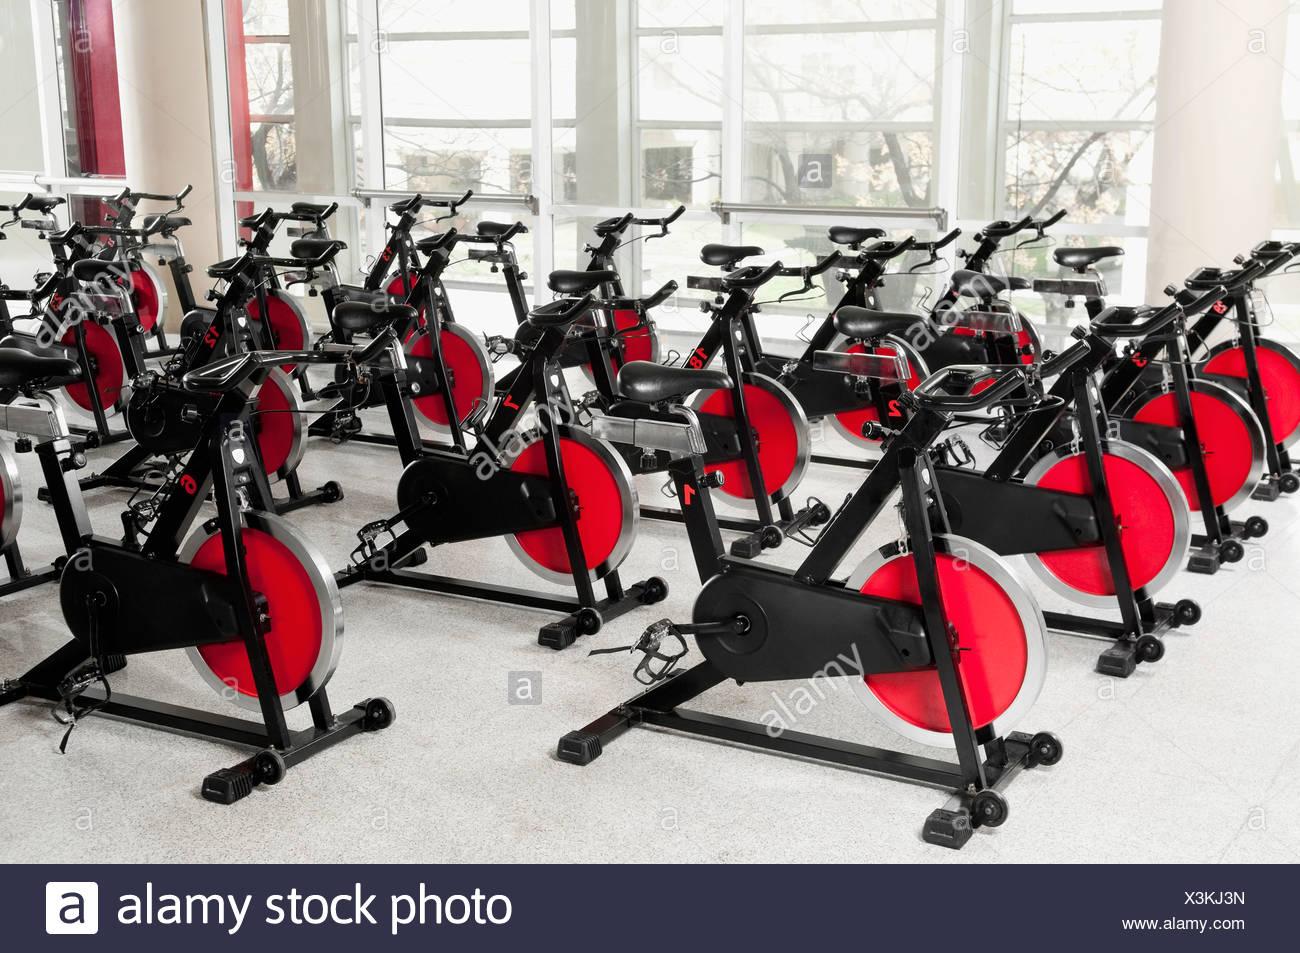 Vélos d'exercice dans une salle de sport Photo Stock